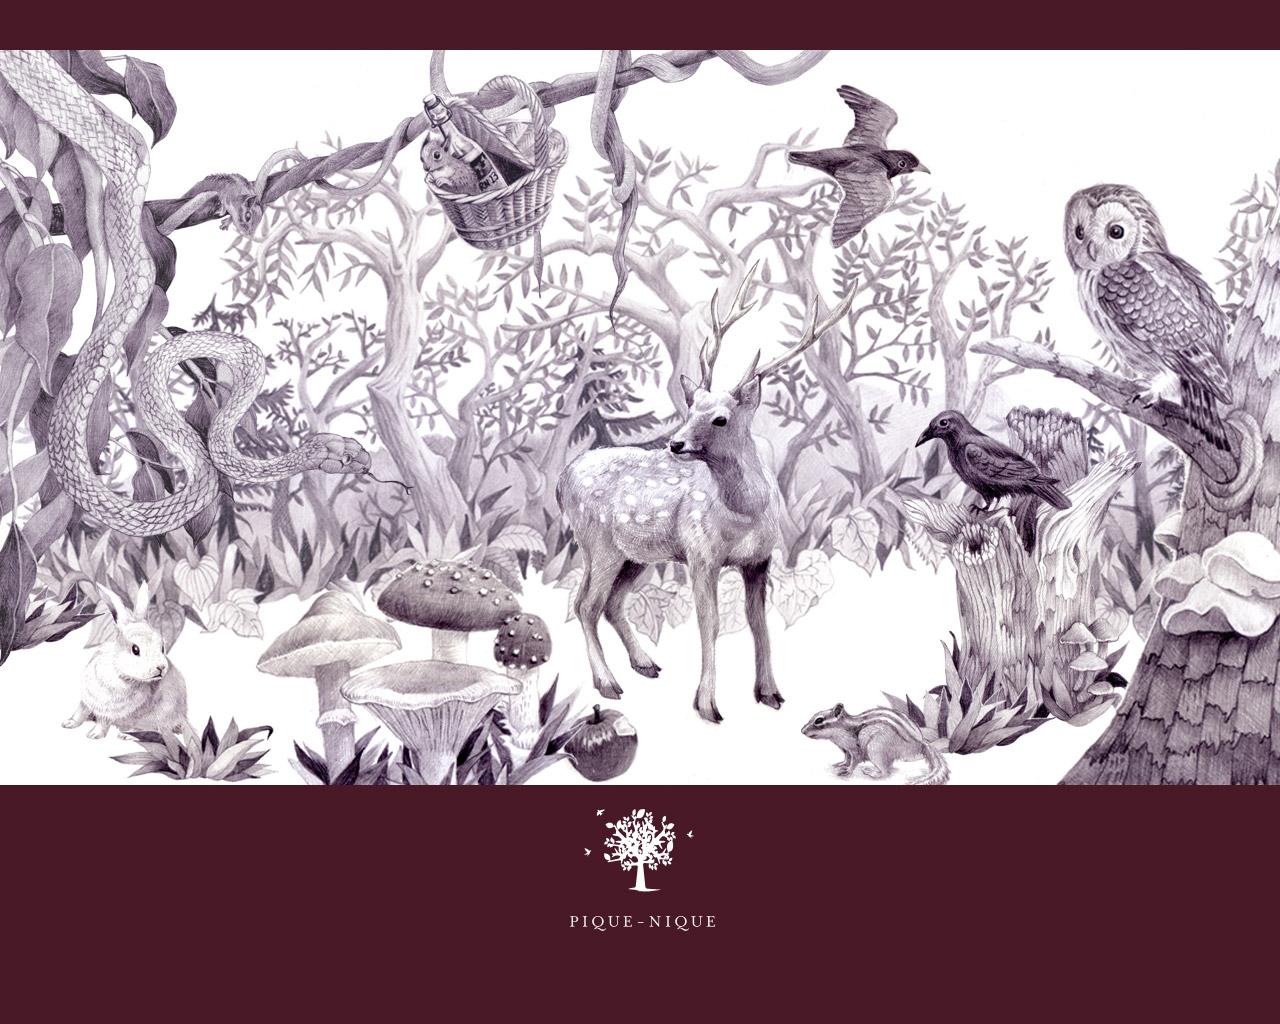 ピクニック壁紙〜木目、動物イラスト、ワインレッド|スタッフブログ